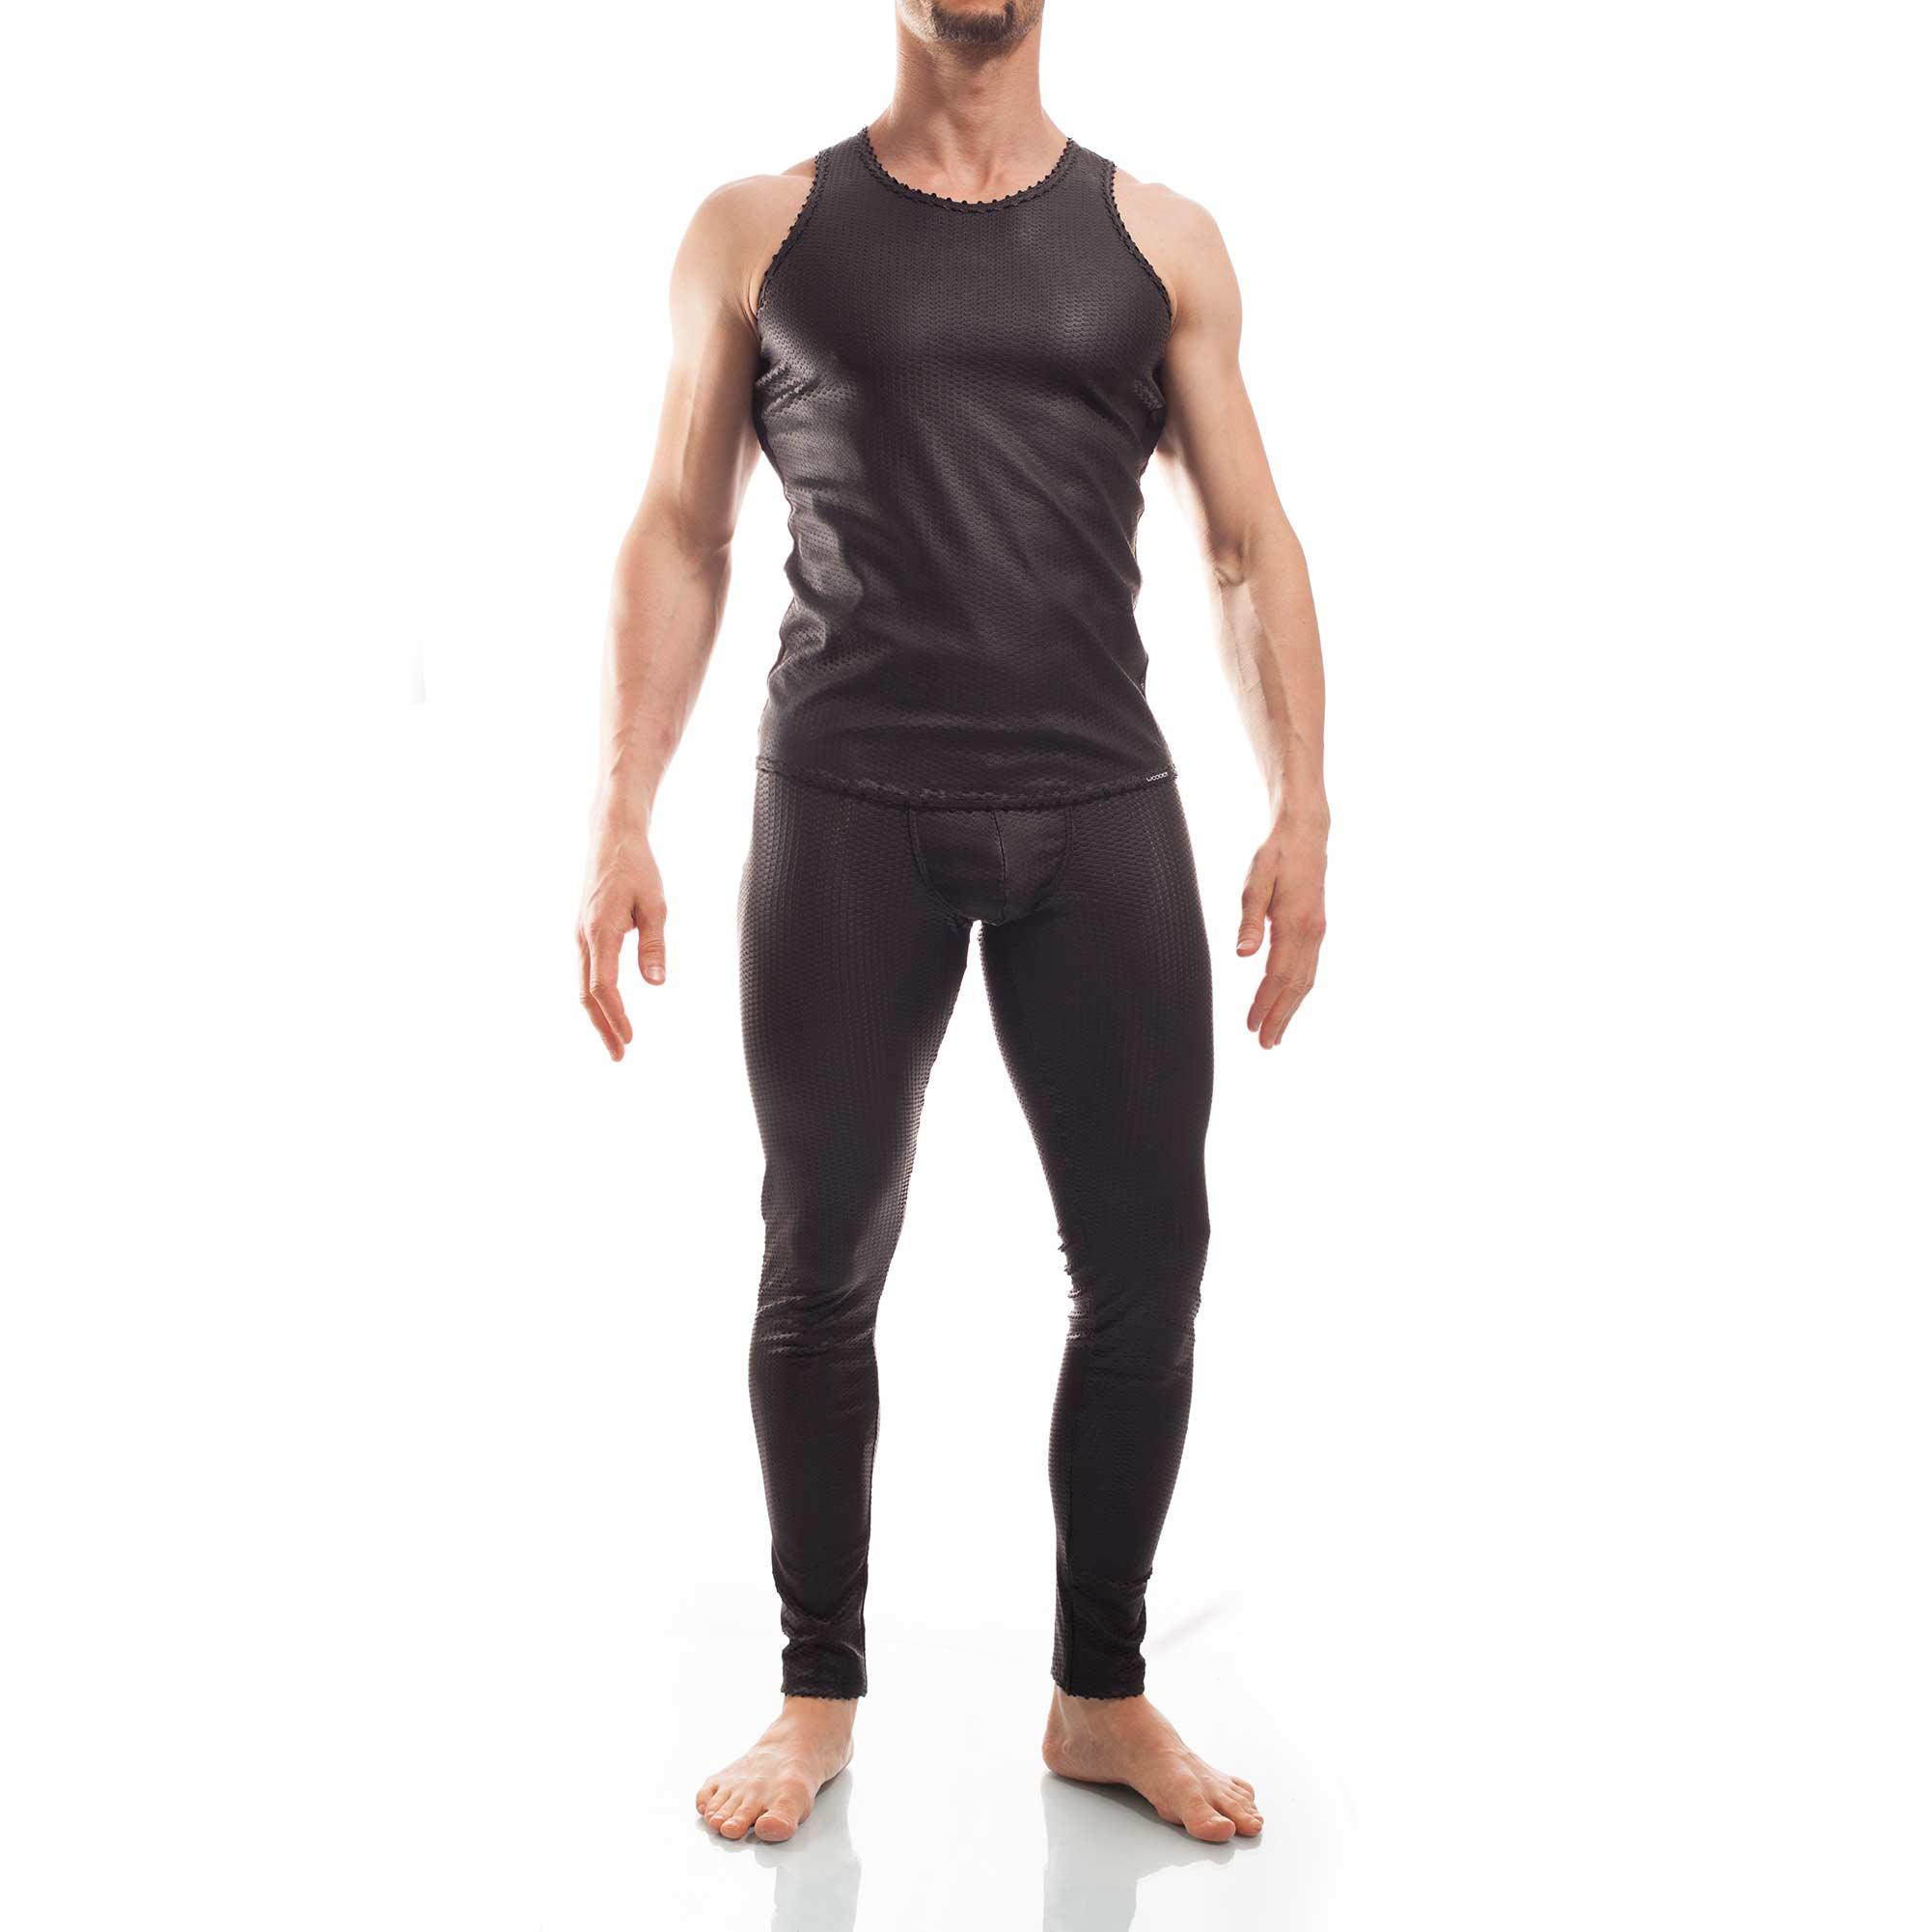 Das perforated leather Tanktop Shirt 349T272 gehört in die Only for ME-Produktion. Das heißt es gibt es nur bei uns und es wird auf Bestellung produziert und kann so auch individuell bearbeitet werden. Größen Erhältlich in den Größen S, M, L, XL Materialzusammensetzung dehnbares…